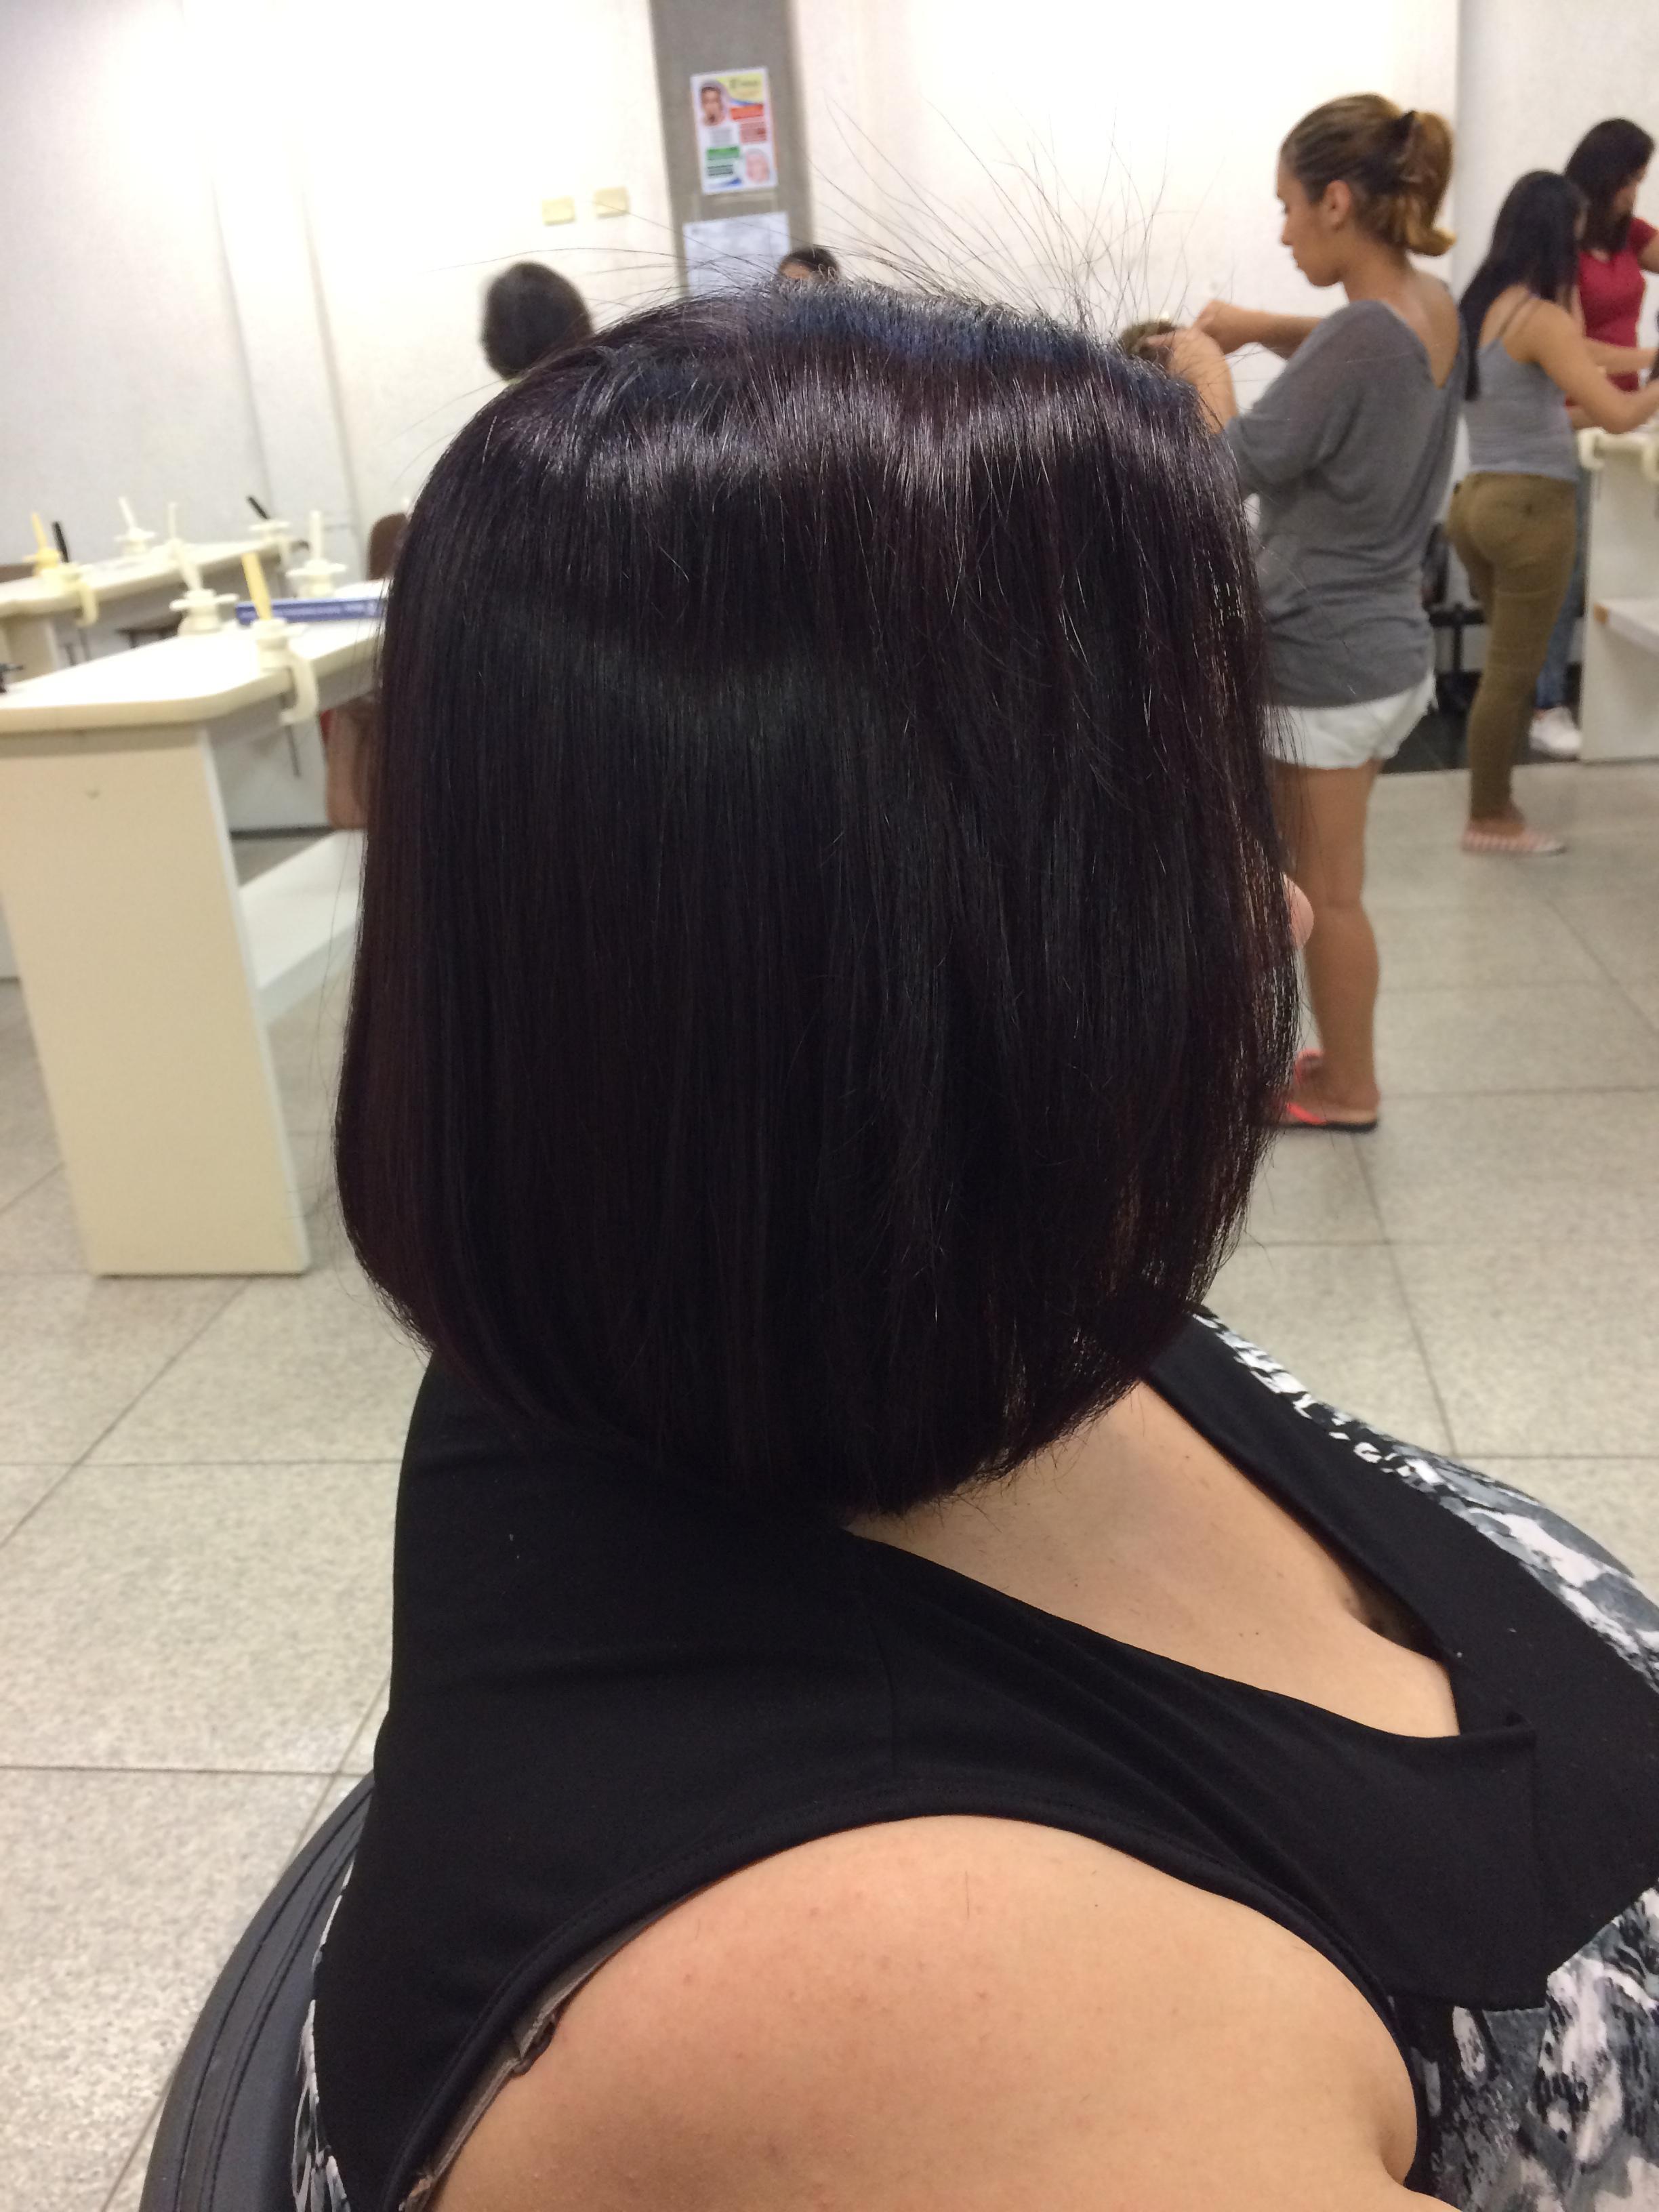 Corte e coloração!  auxiliar cabeleireiro(a) cabeleireiro(a)